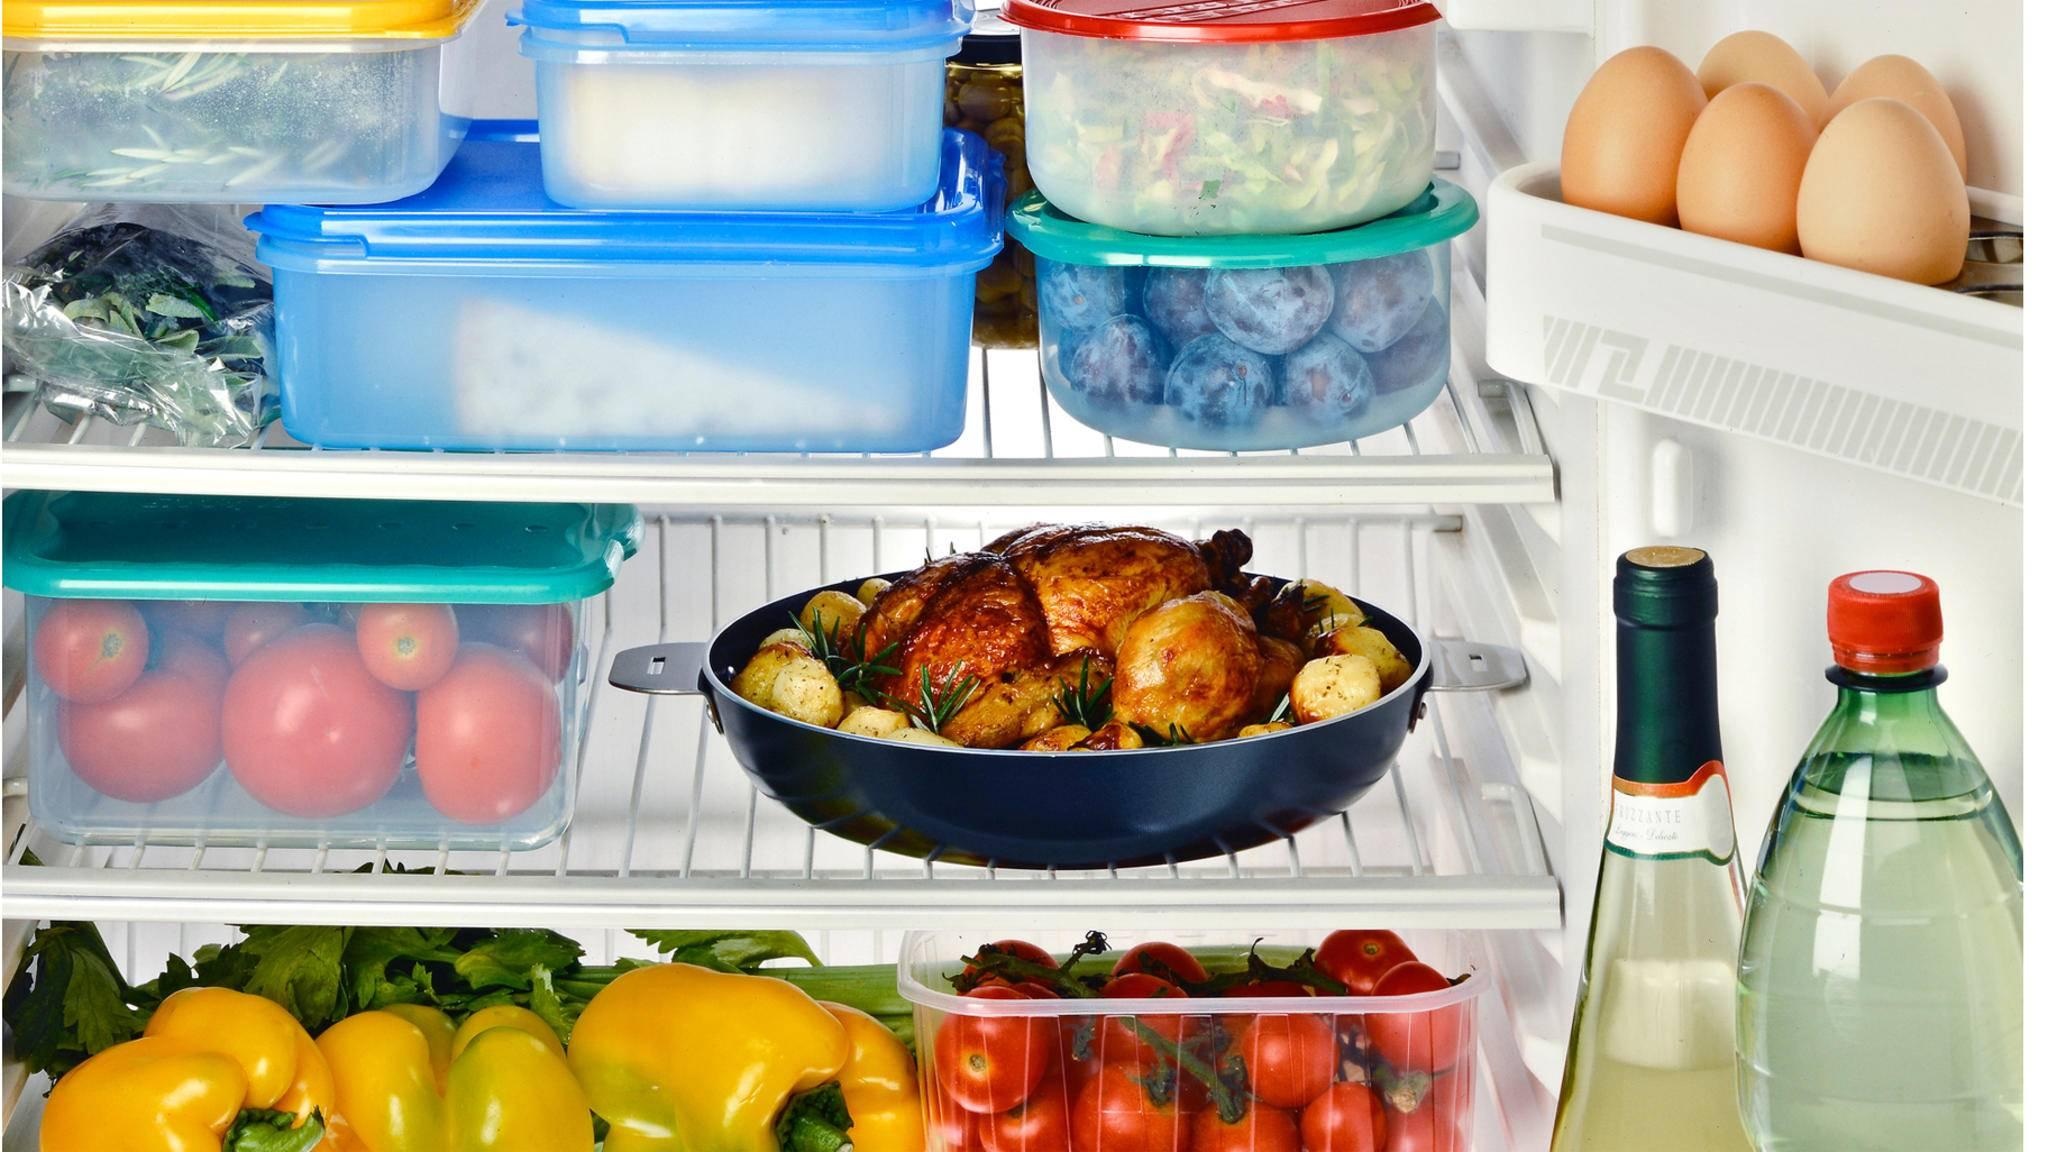 Viele aktuelle Kühlschränke sind mit Low-Frost oder No-Frost sowie 0-Grad-Zone ausgestattet.